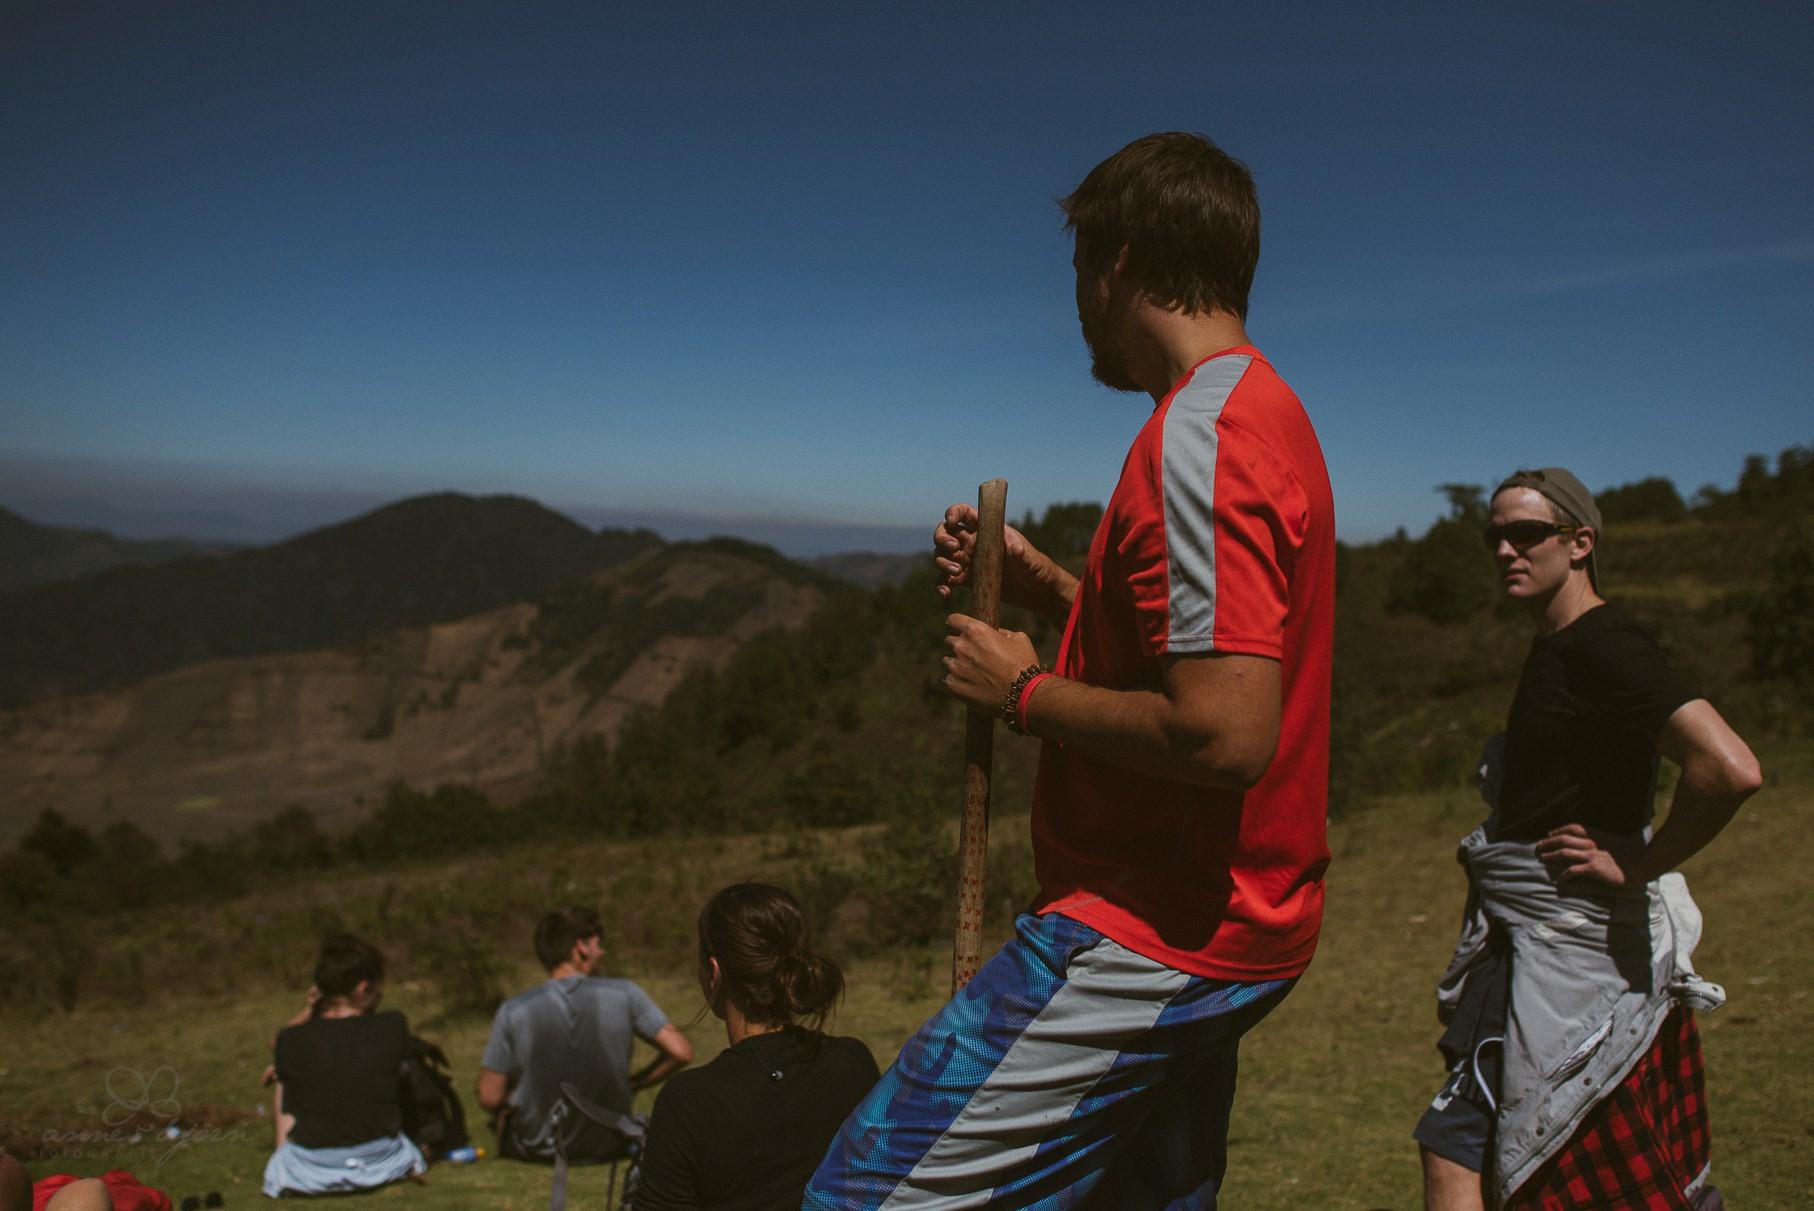 0082 anne und bjoern guatemala 811 3182 - 4 Wochen durch Guatemala - backpacking durch Mittelamerika